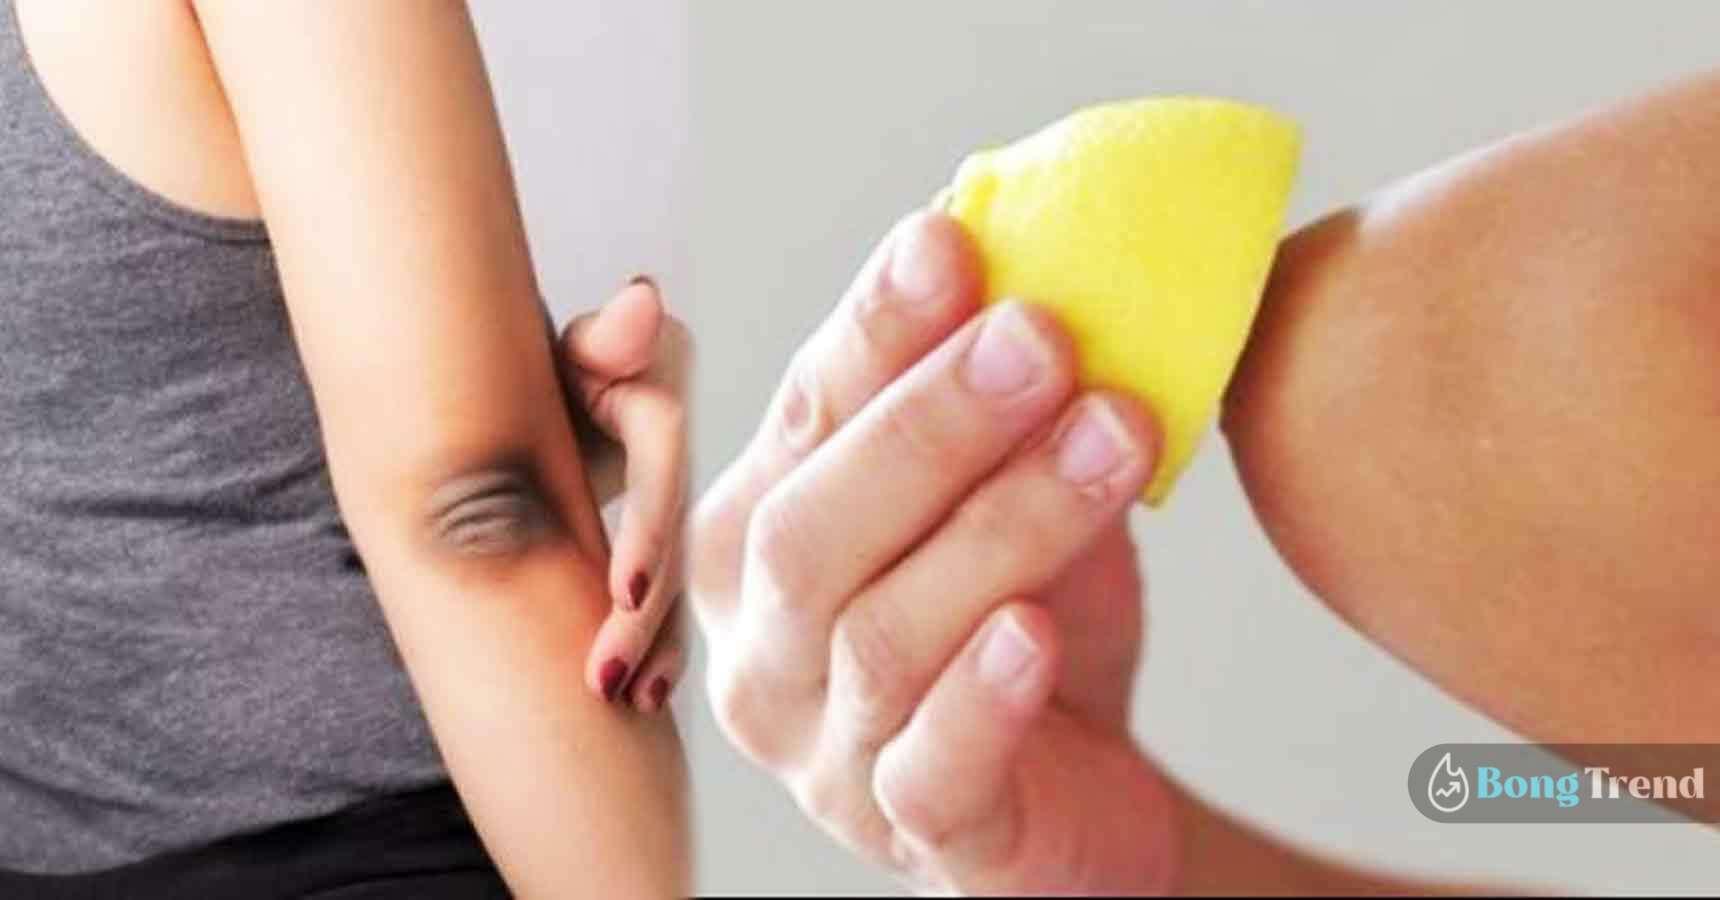 কনুই ও হাঁটুর কালচে দাগ দূর করার উপায় Remove dark spots of elbow and knee